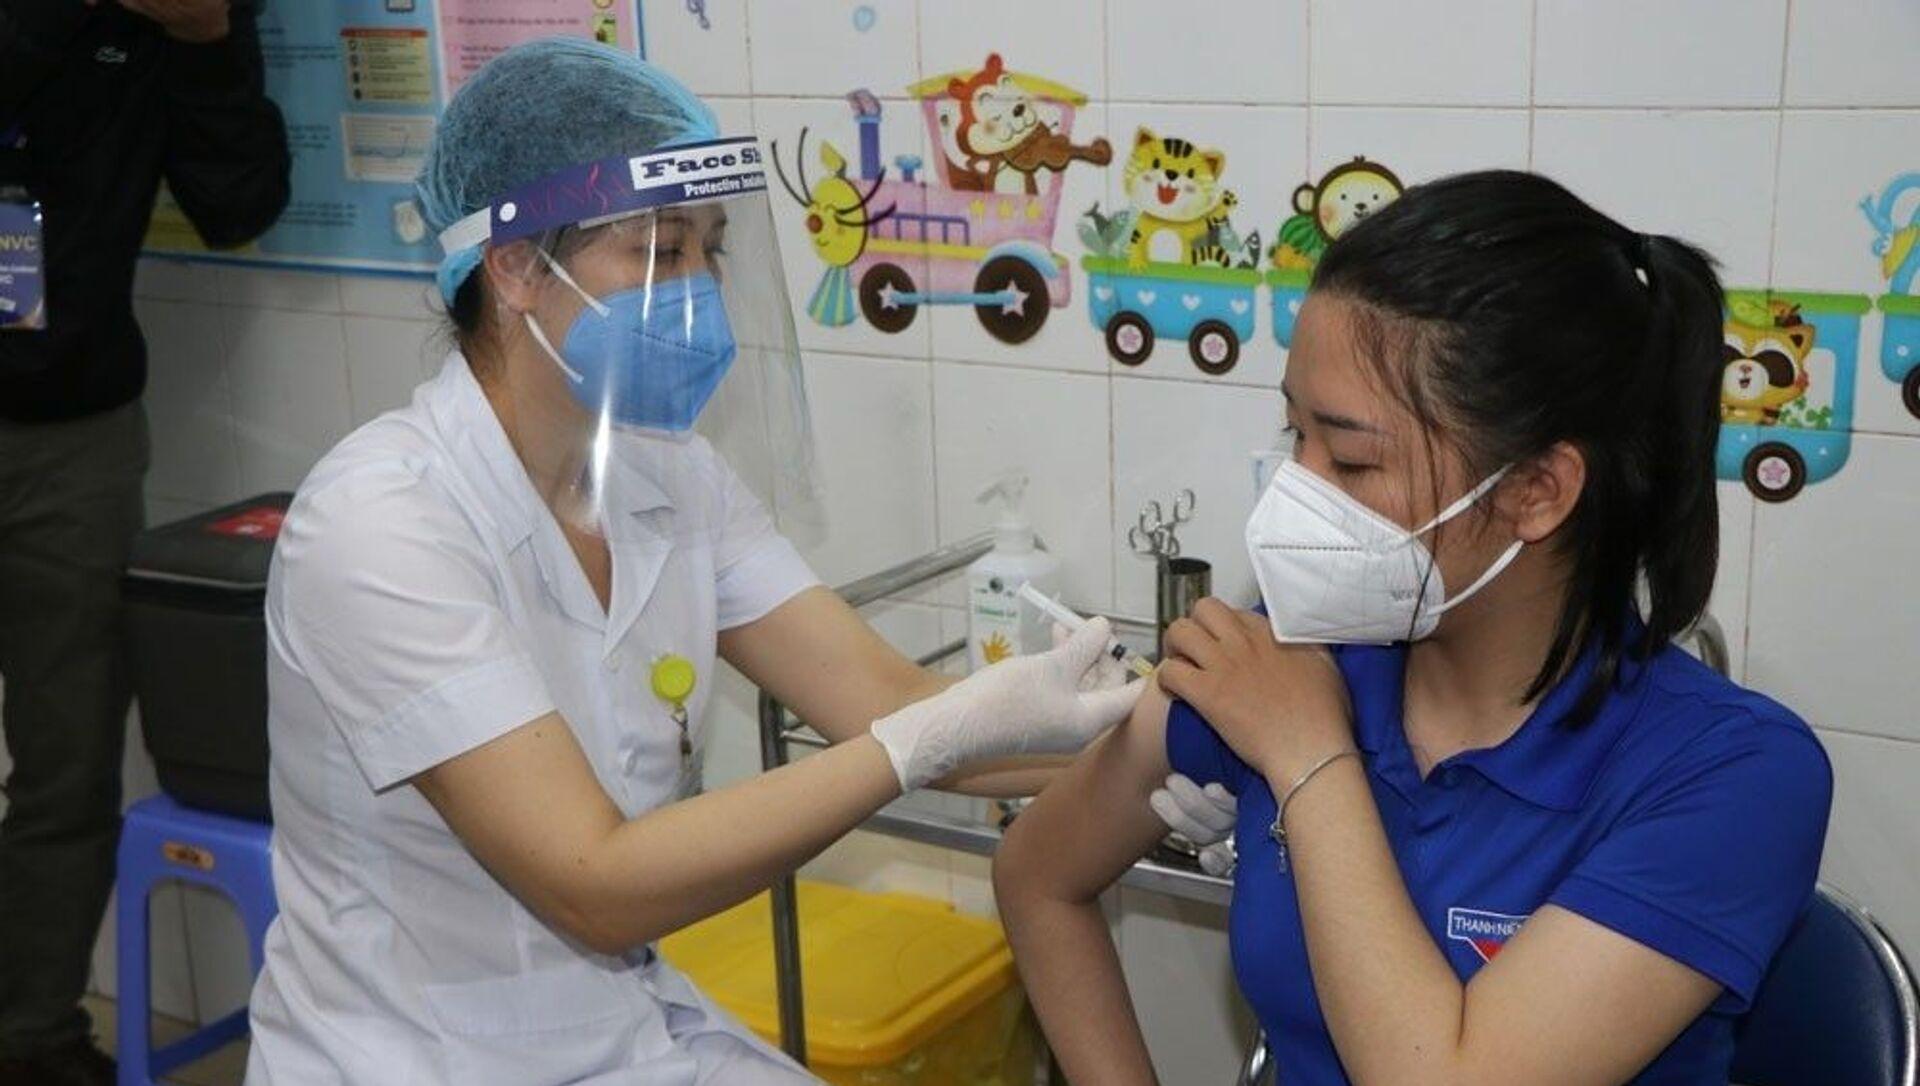 Tiêm vaccine phòng dịch COVID-19 cho những người được ưu tiên đợt 1. - Sputnik Việt Nam, 1920, 08.03.2021